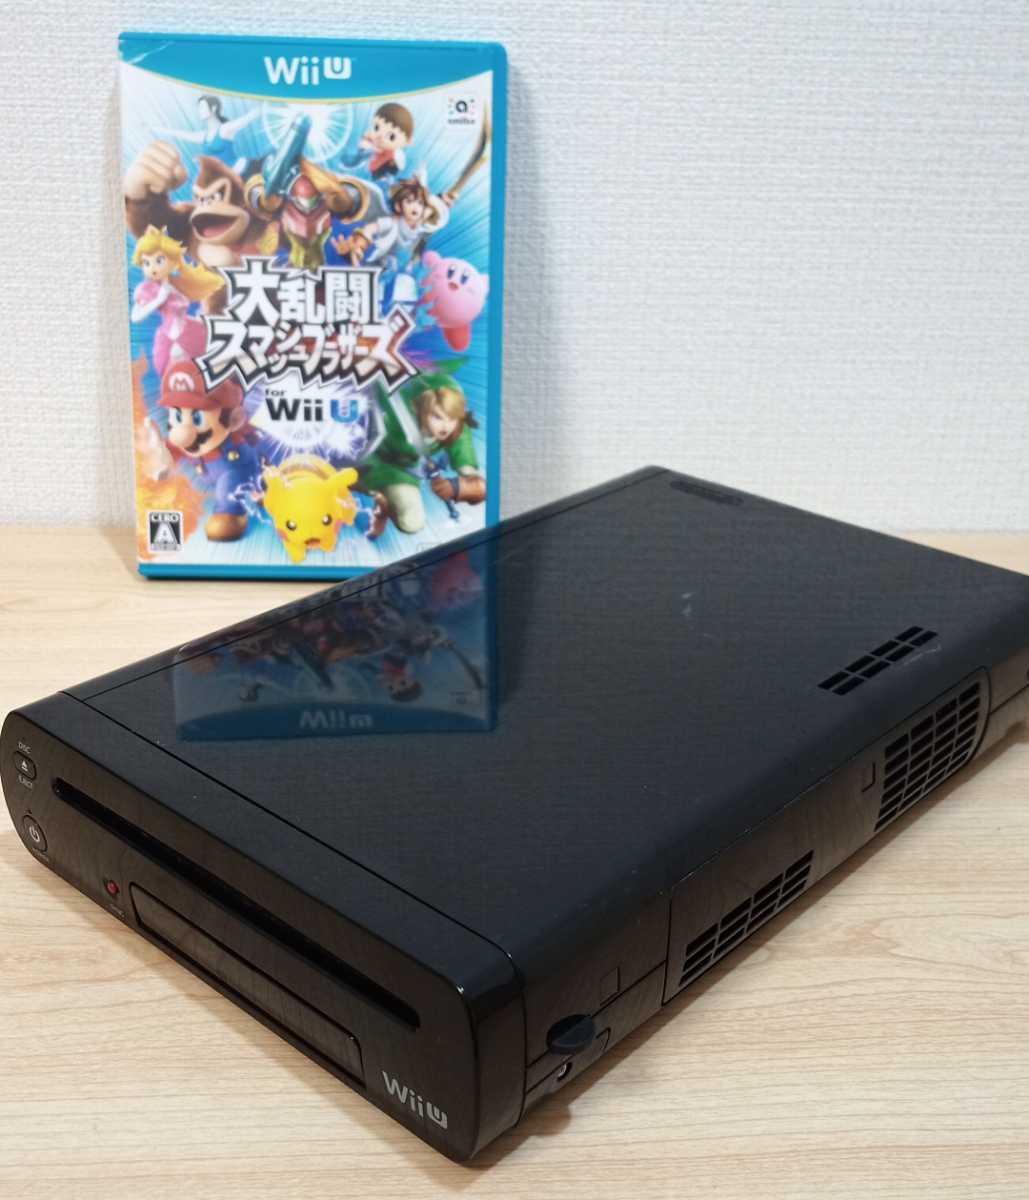 動作品 即納 Wii Uプレミアムセット本体 & 大乱闘スマッシュブラザーズ for Wii U & ファイター全部入りパック(有料追加コンテンツ)_2枚目以降が出品現物の写真です